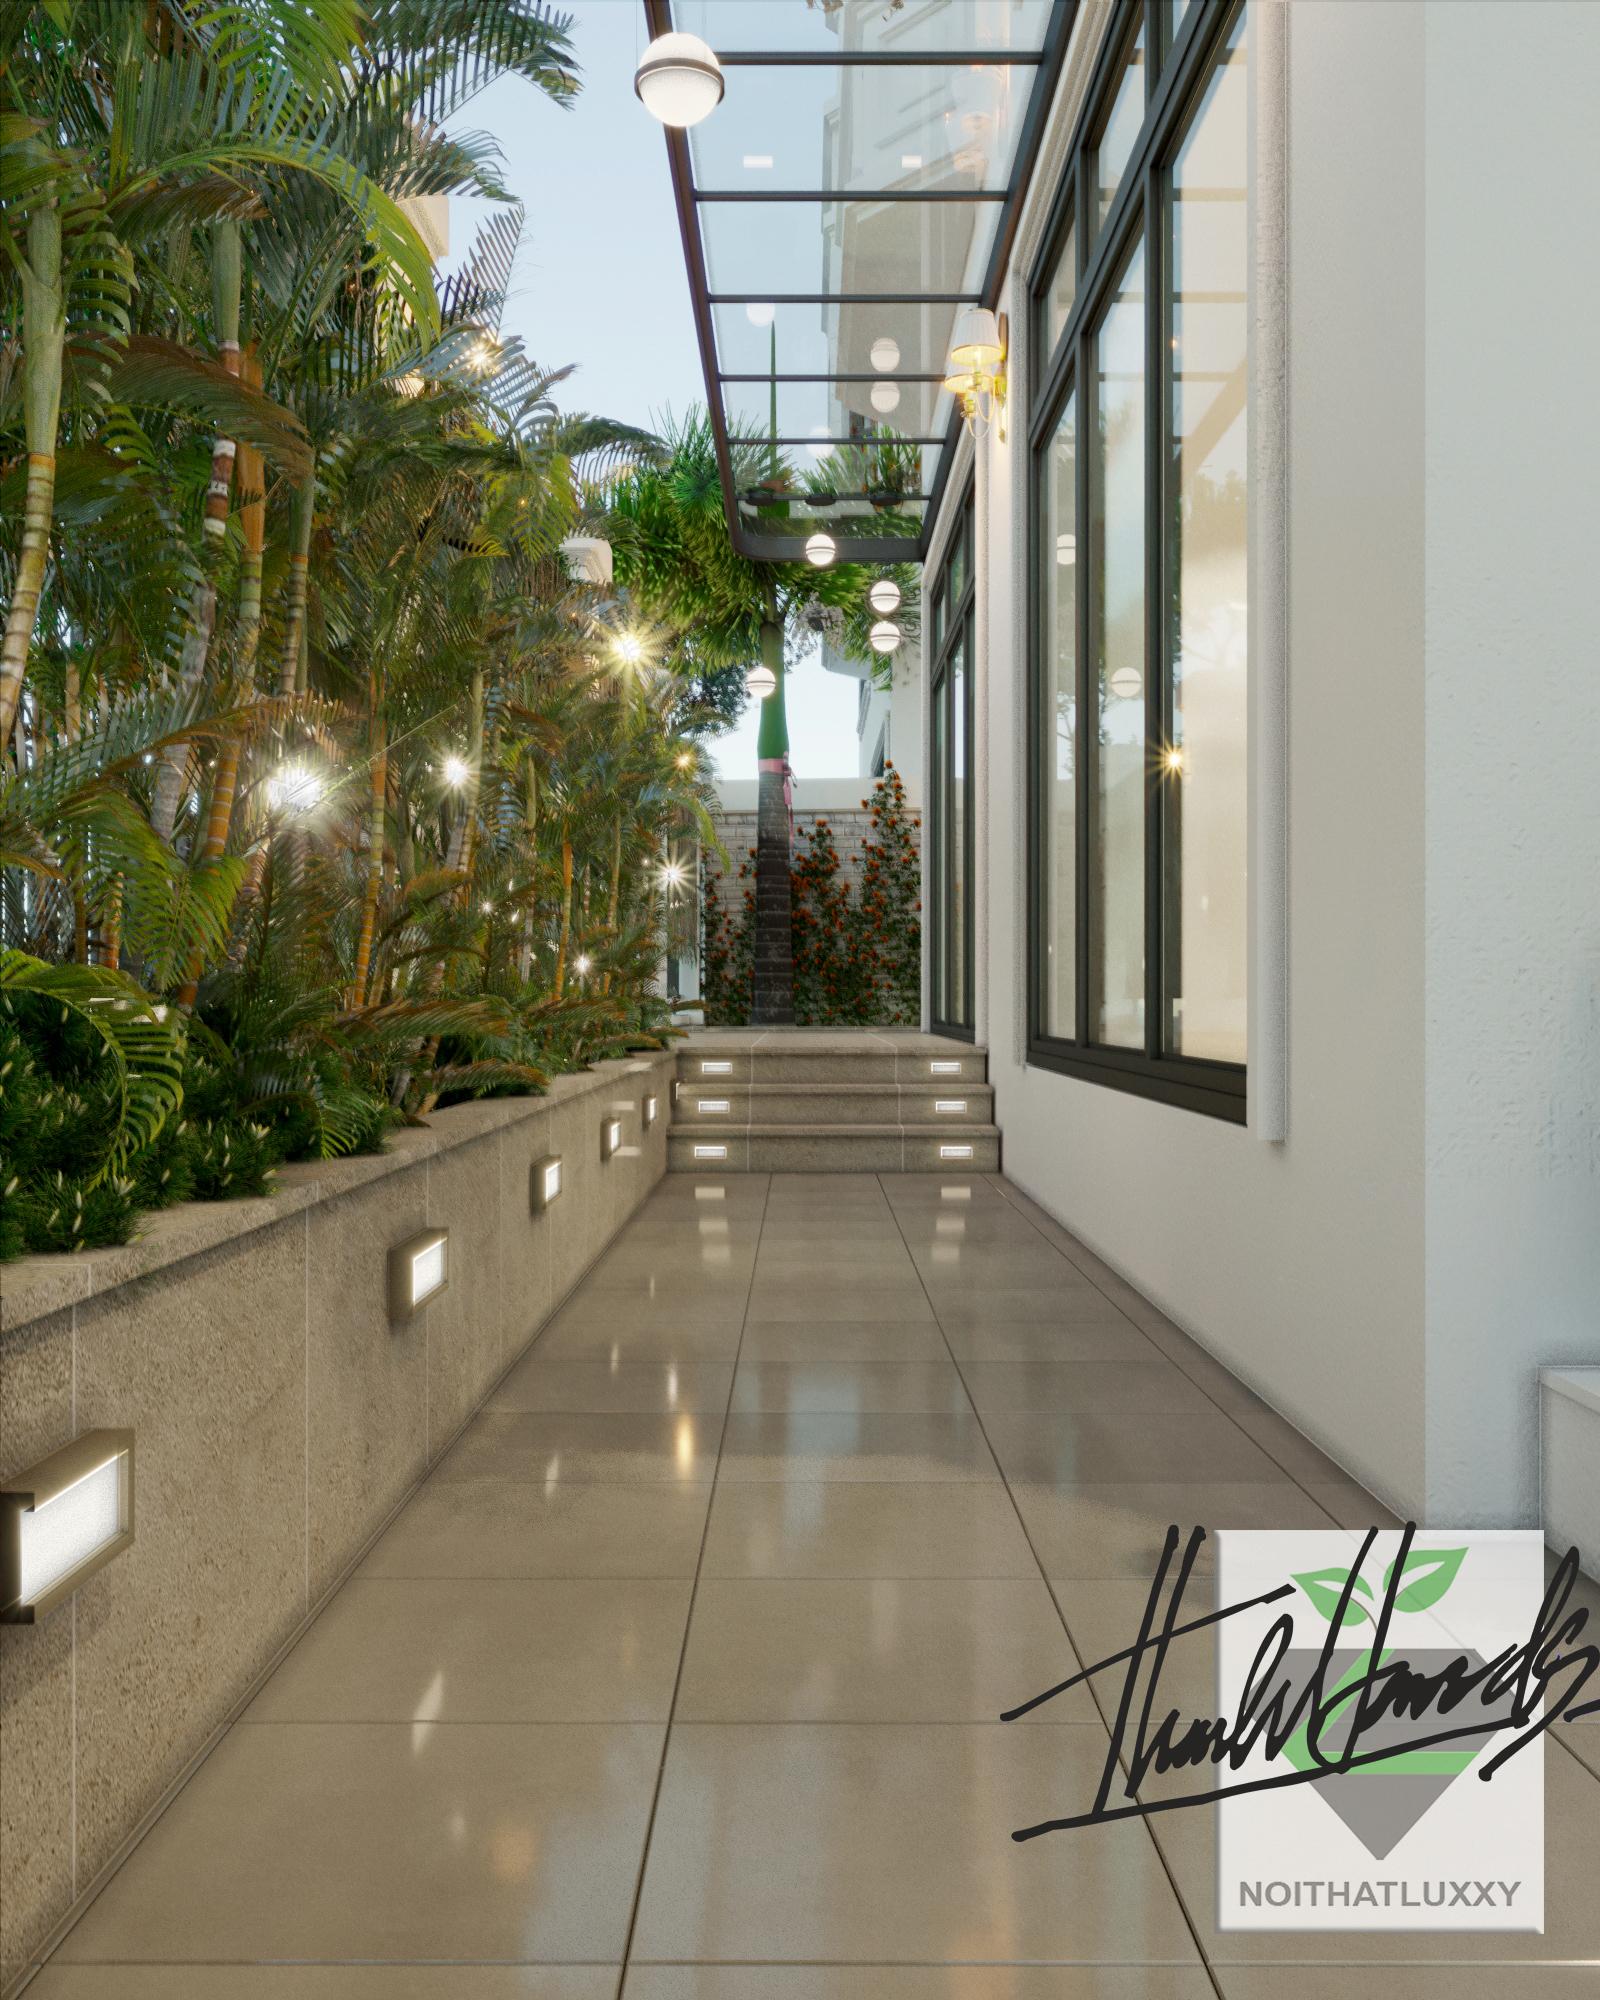 thiết kế nội thất Biệt Thự tại Hải Phòng Biệt thự Vinhomes - imperia ( khu MHT) 7 1568275619